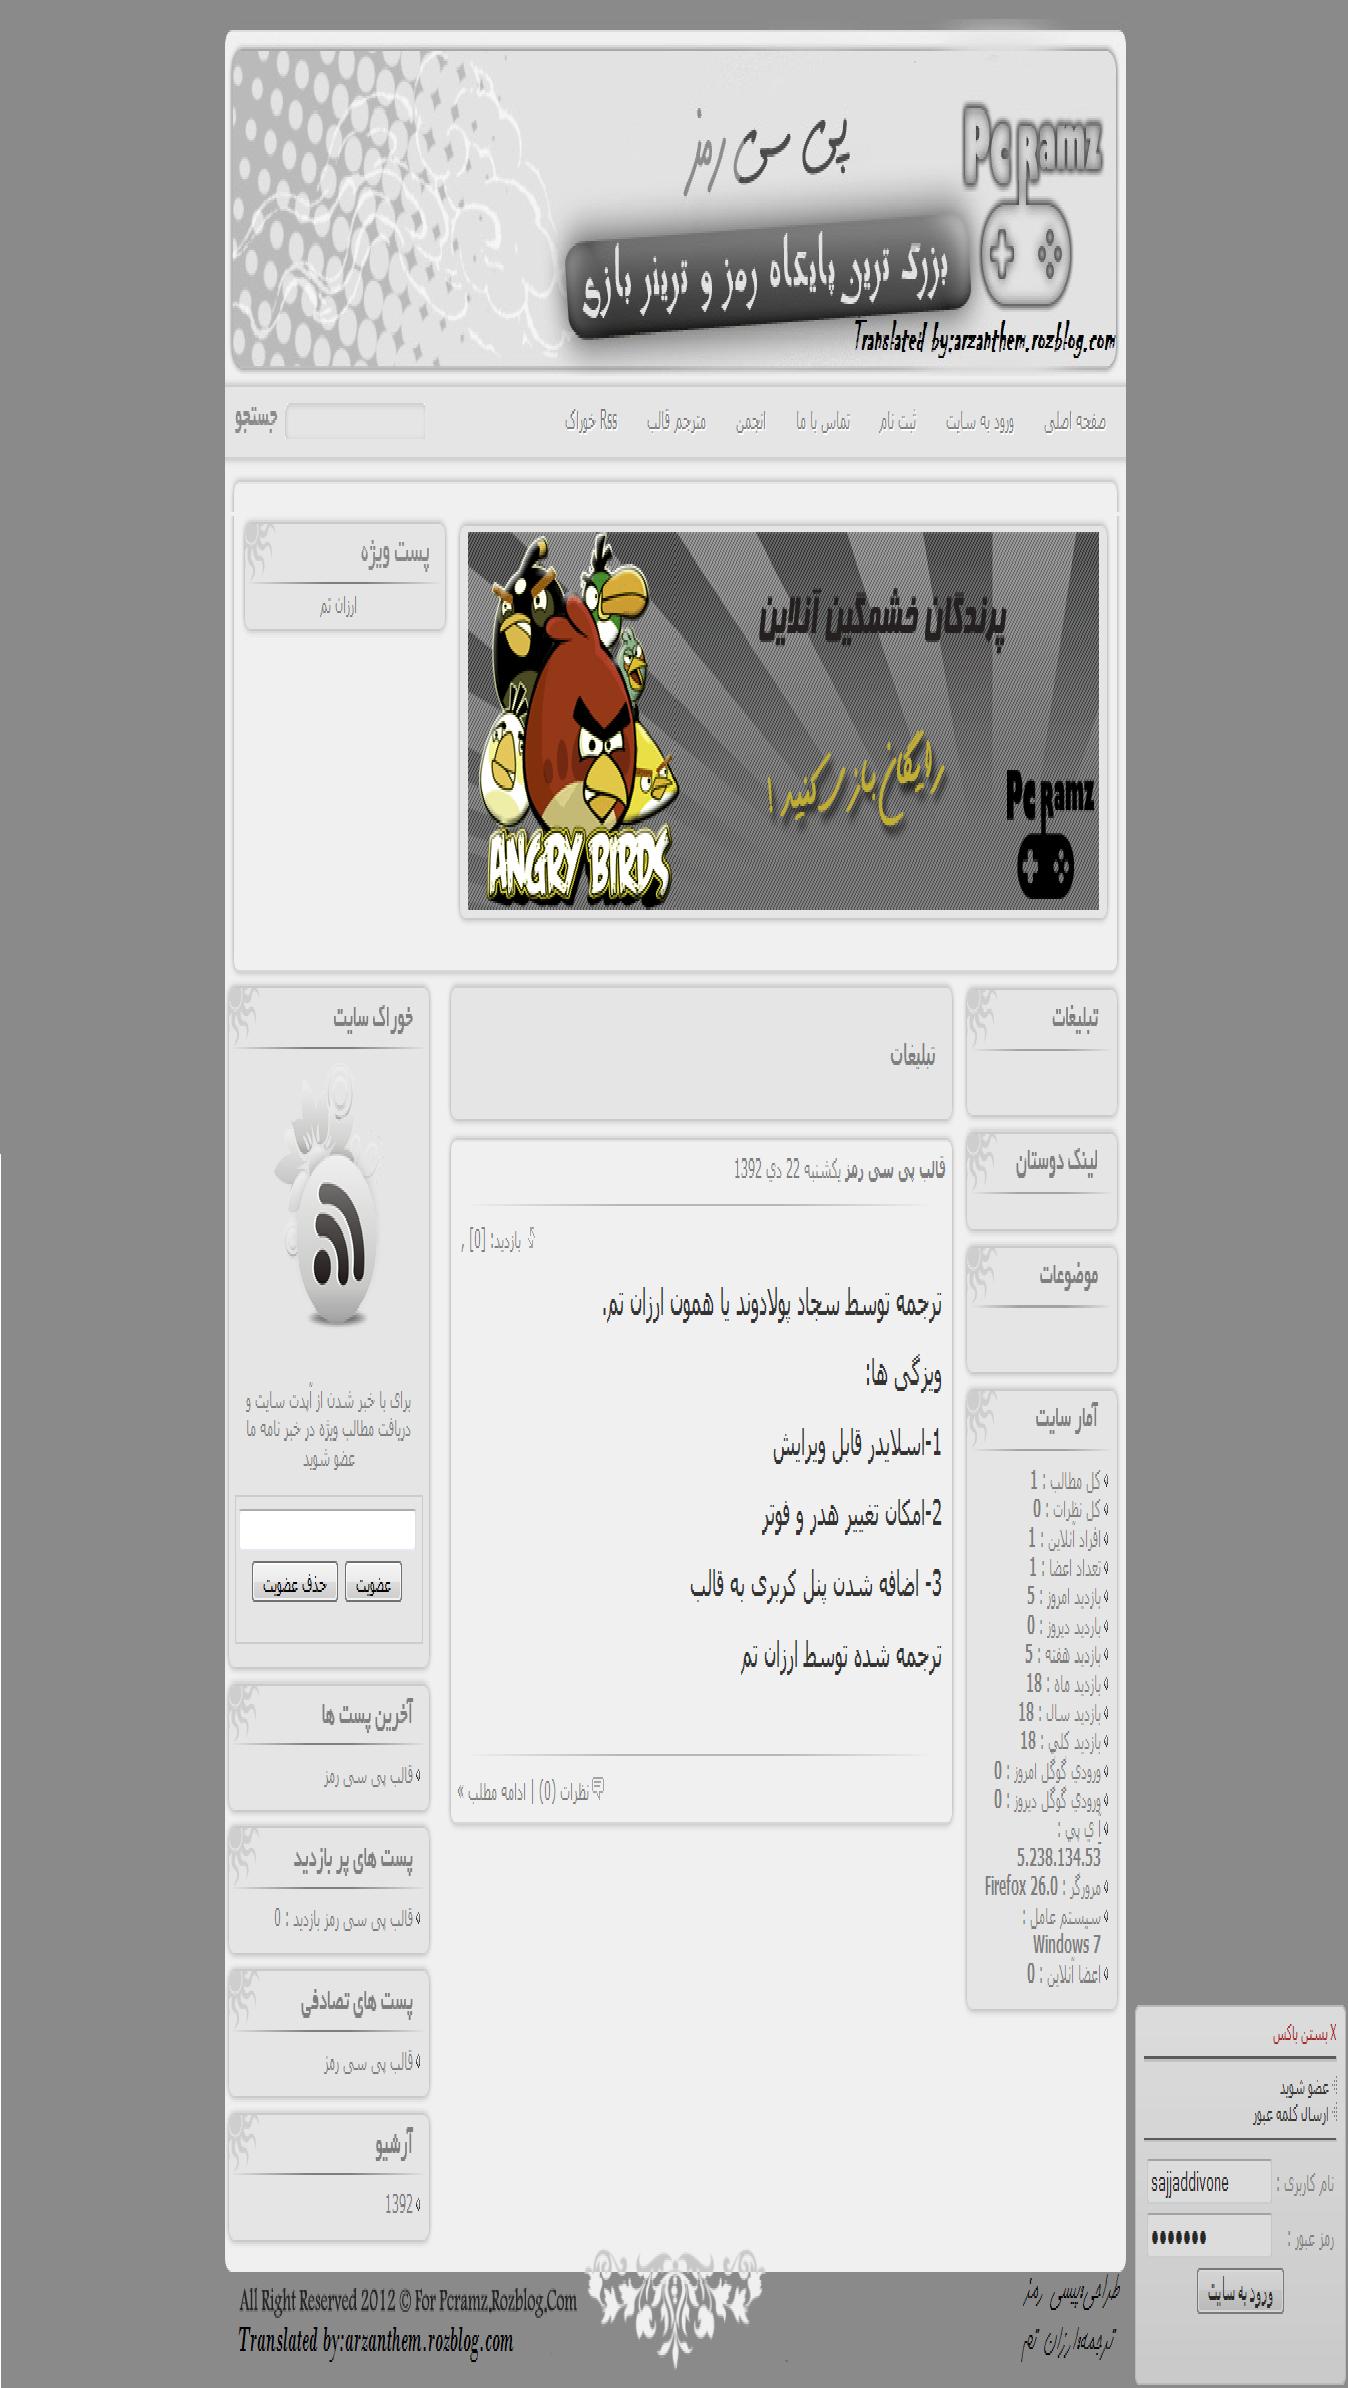 قالب سایت پی سی رمز برای رزبلاگ